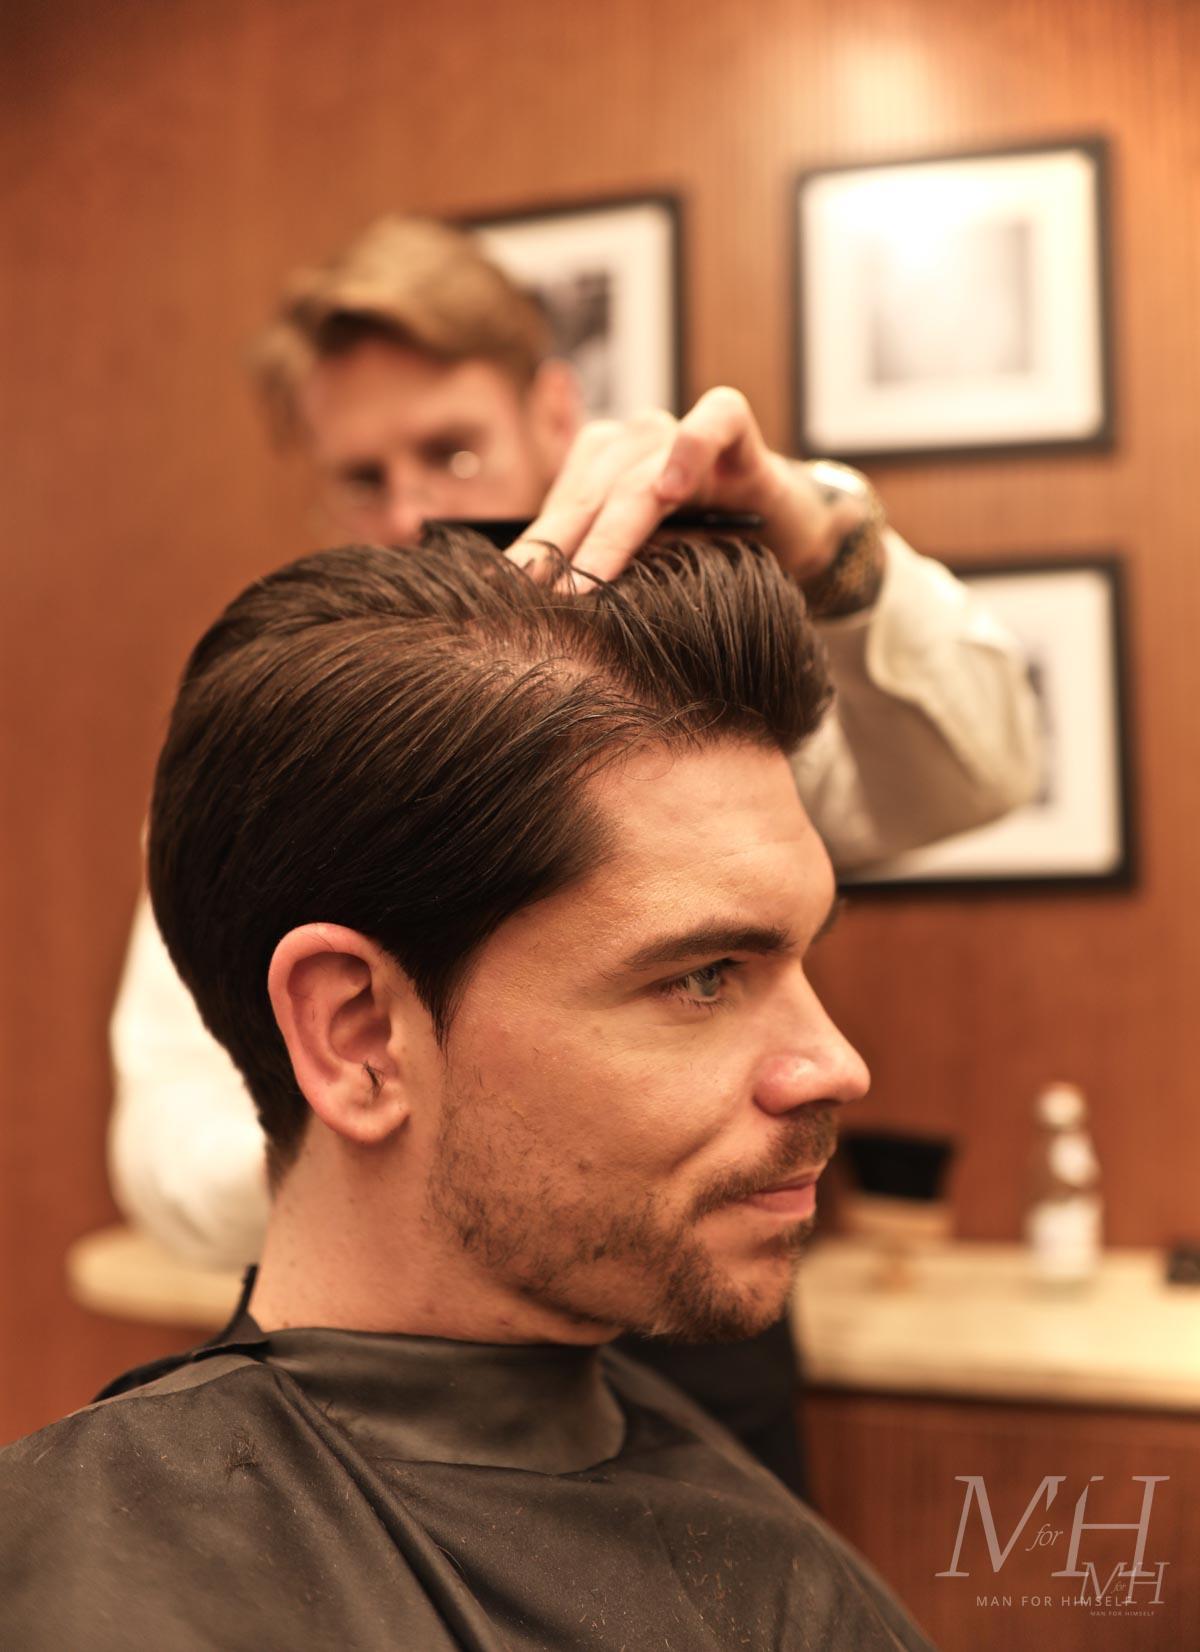 acqua-di-parma-uk-barbershop-man-for-himself-6